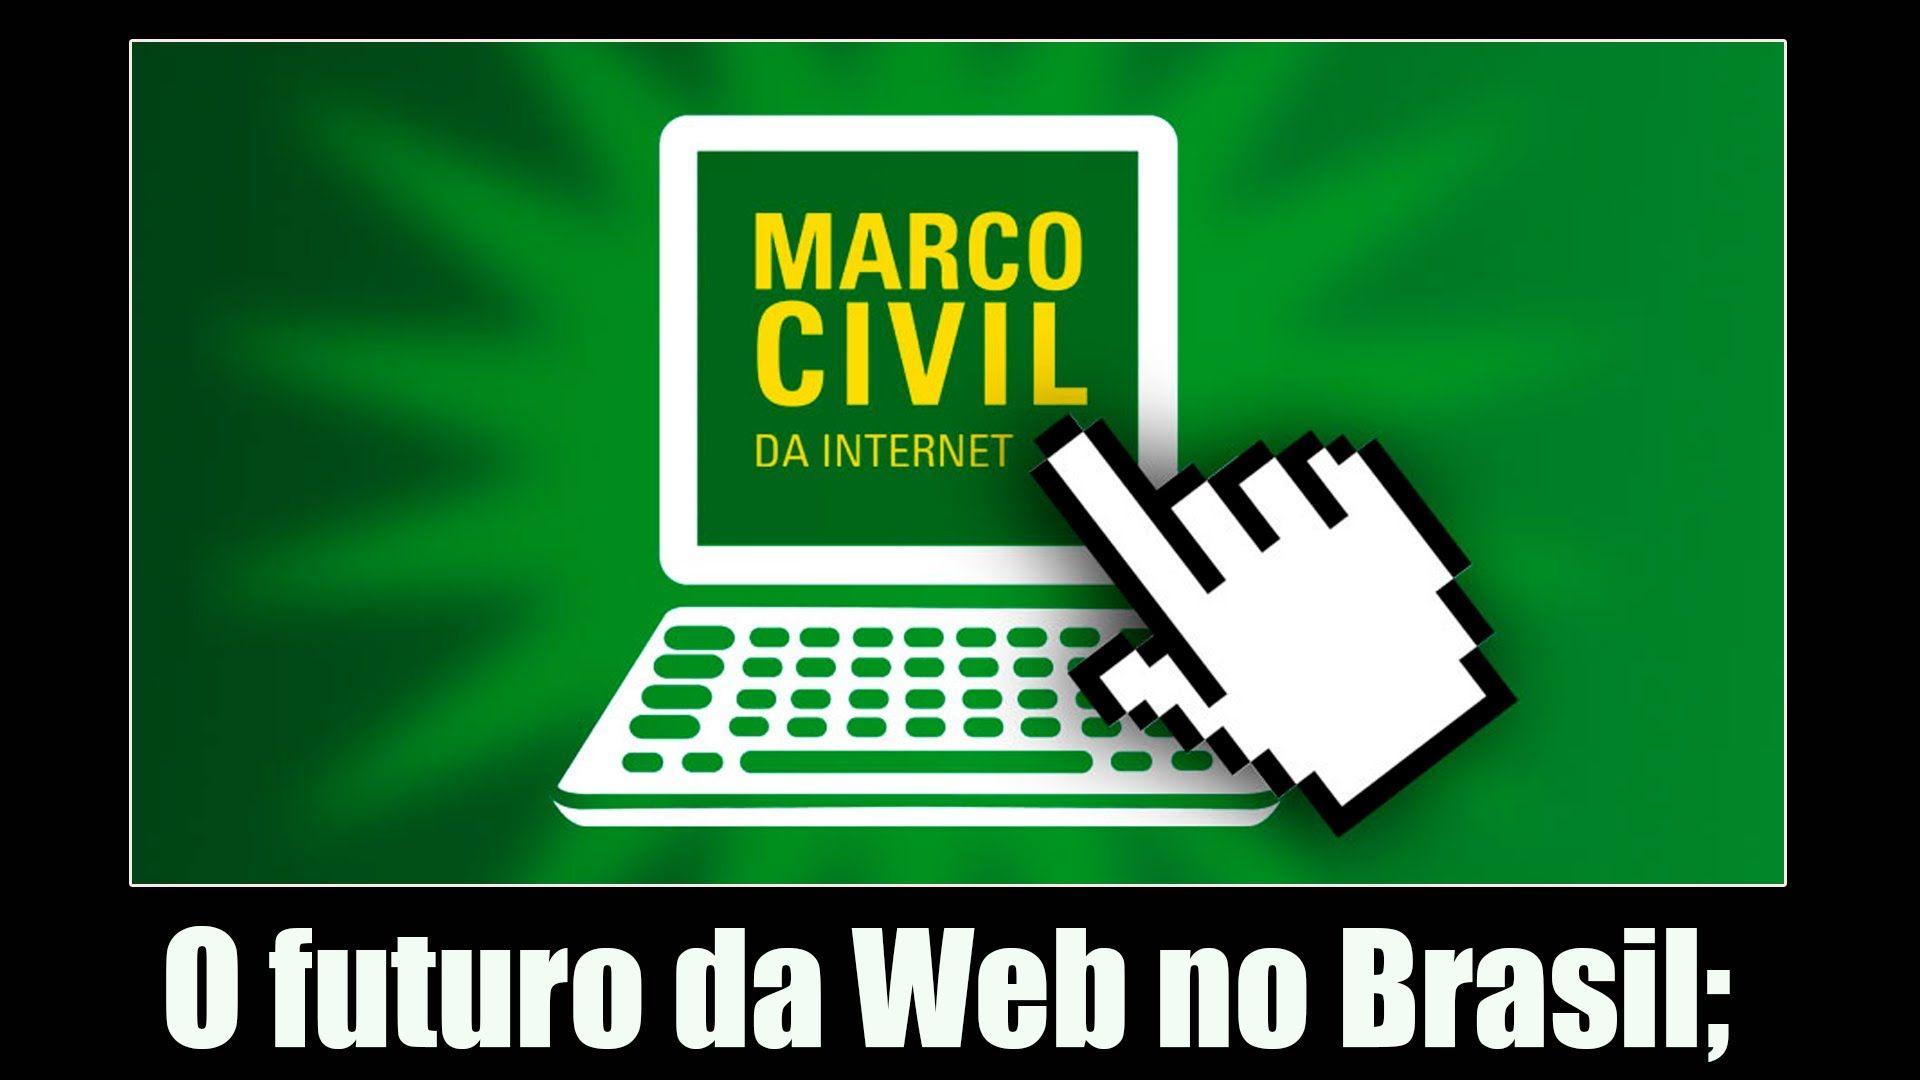 Marco civil da internet - O futuro da web no Brasil | Augusto Cesar ...